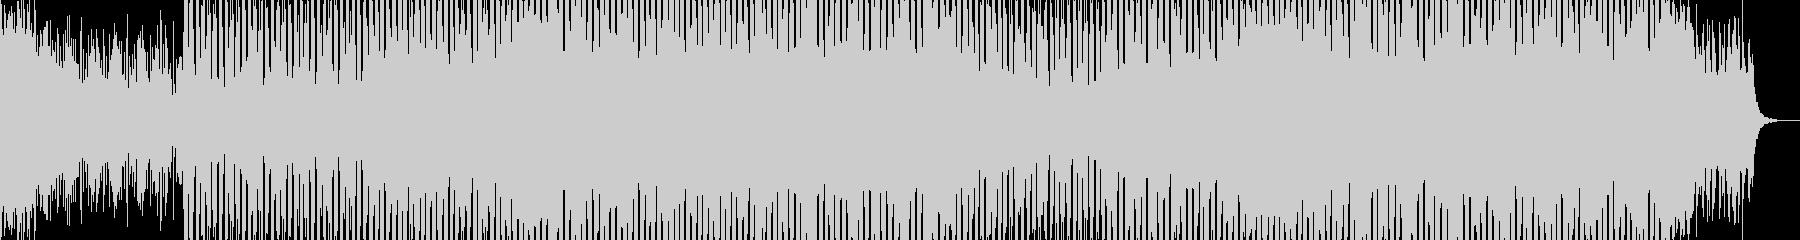 EDMクラブ系ダンスミュージック-85の未再生の波形